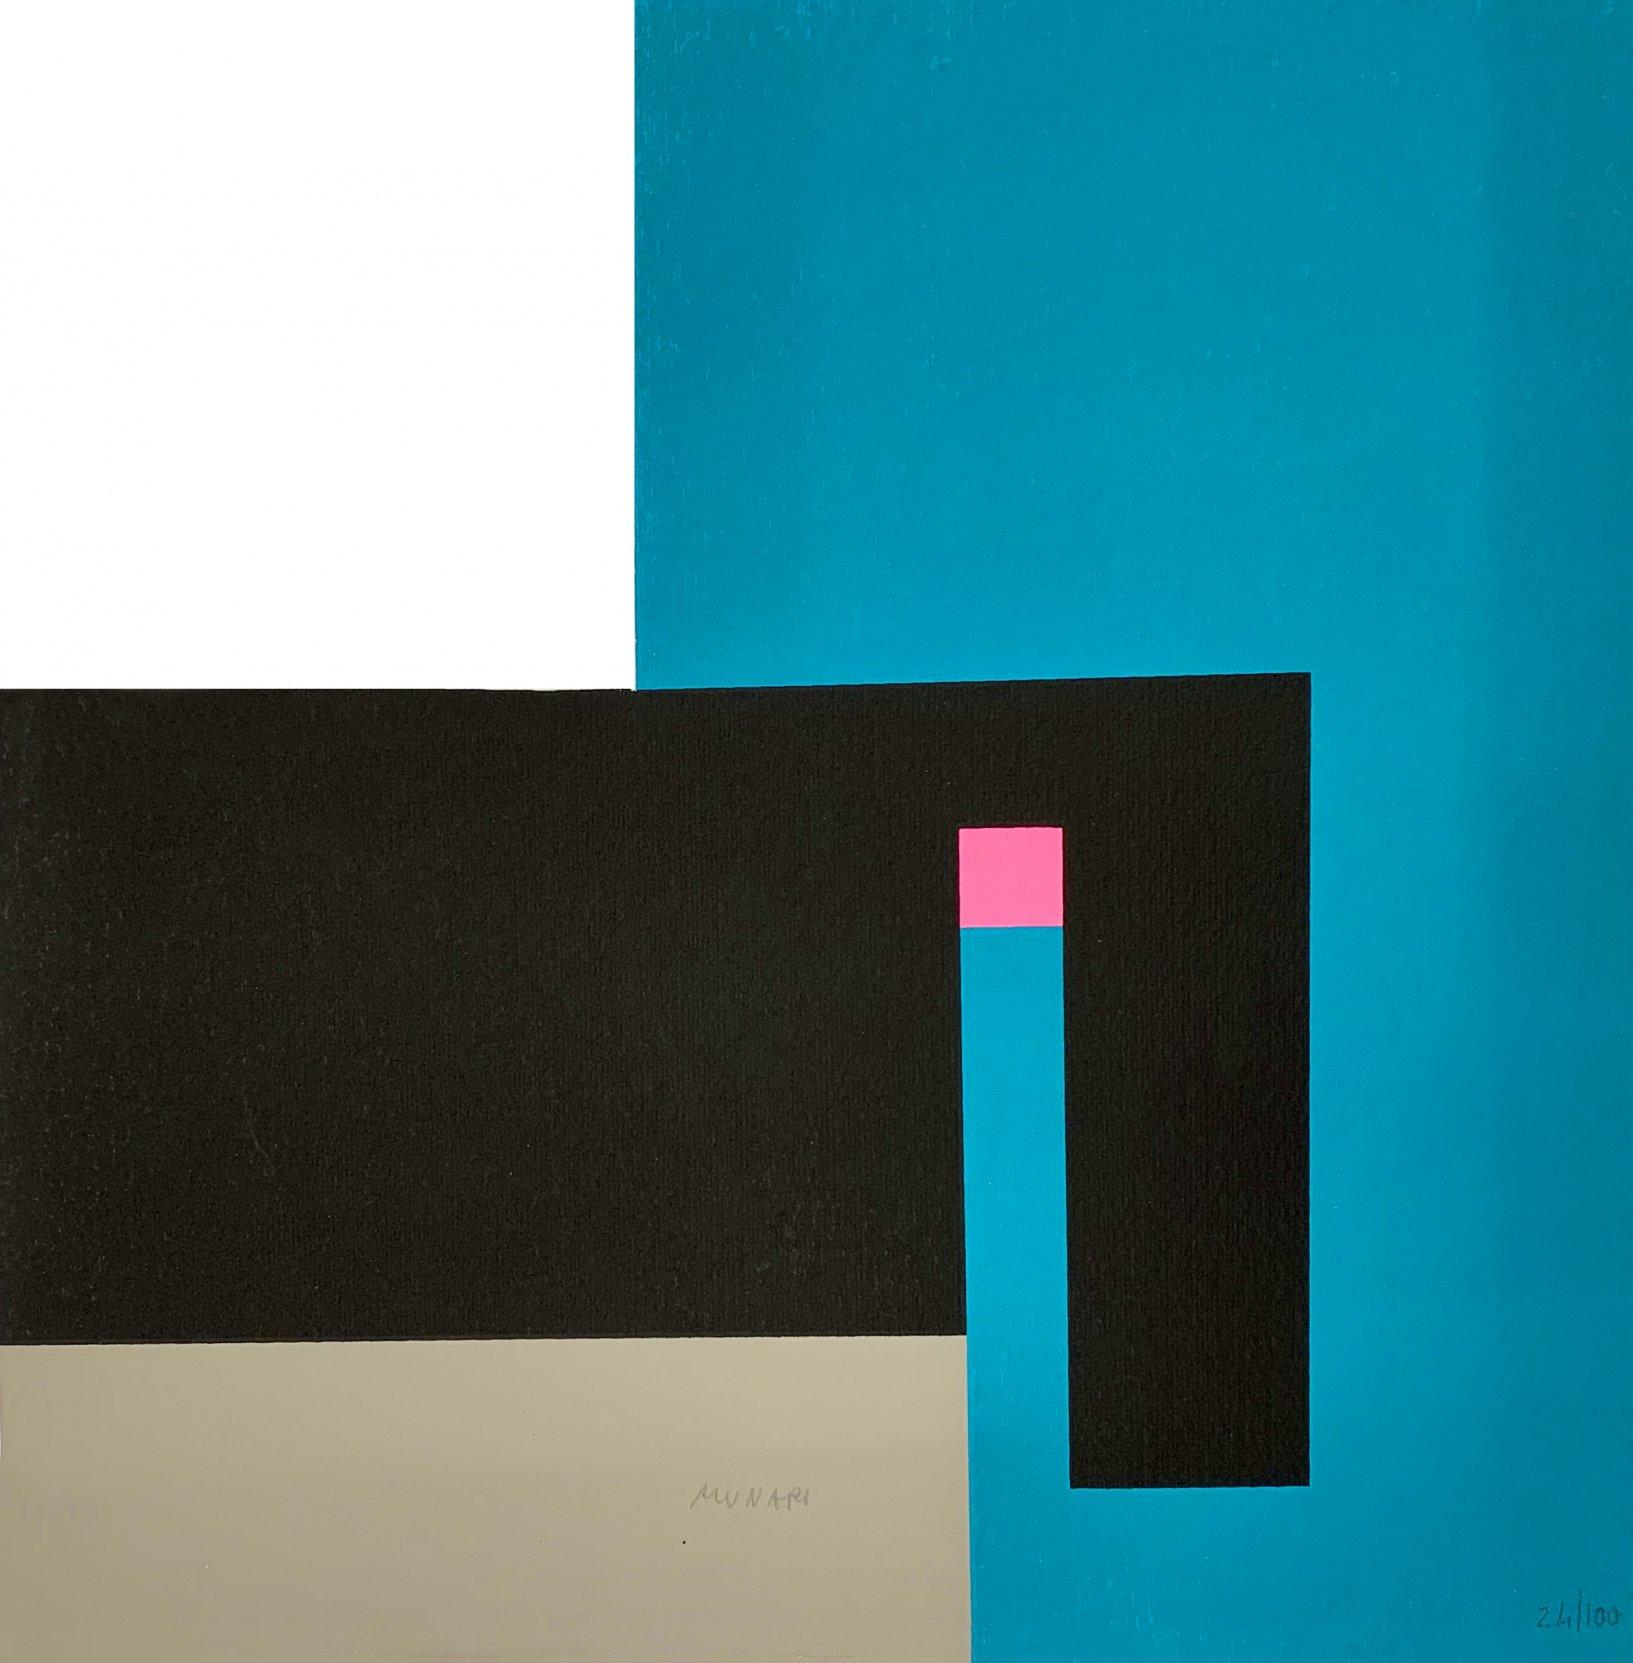 Variazioni cromatiche (1995) - Bruno Munari